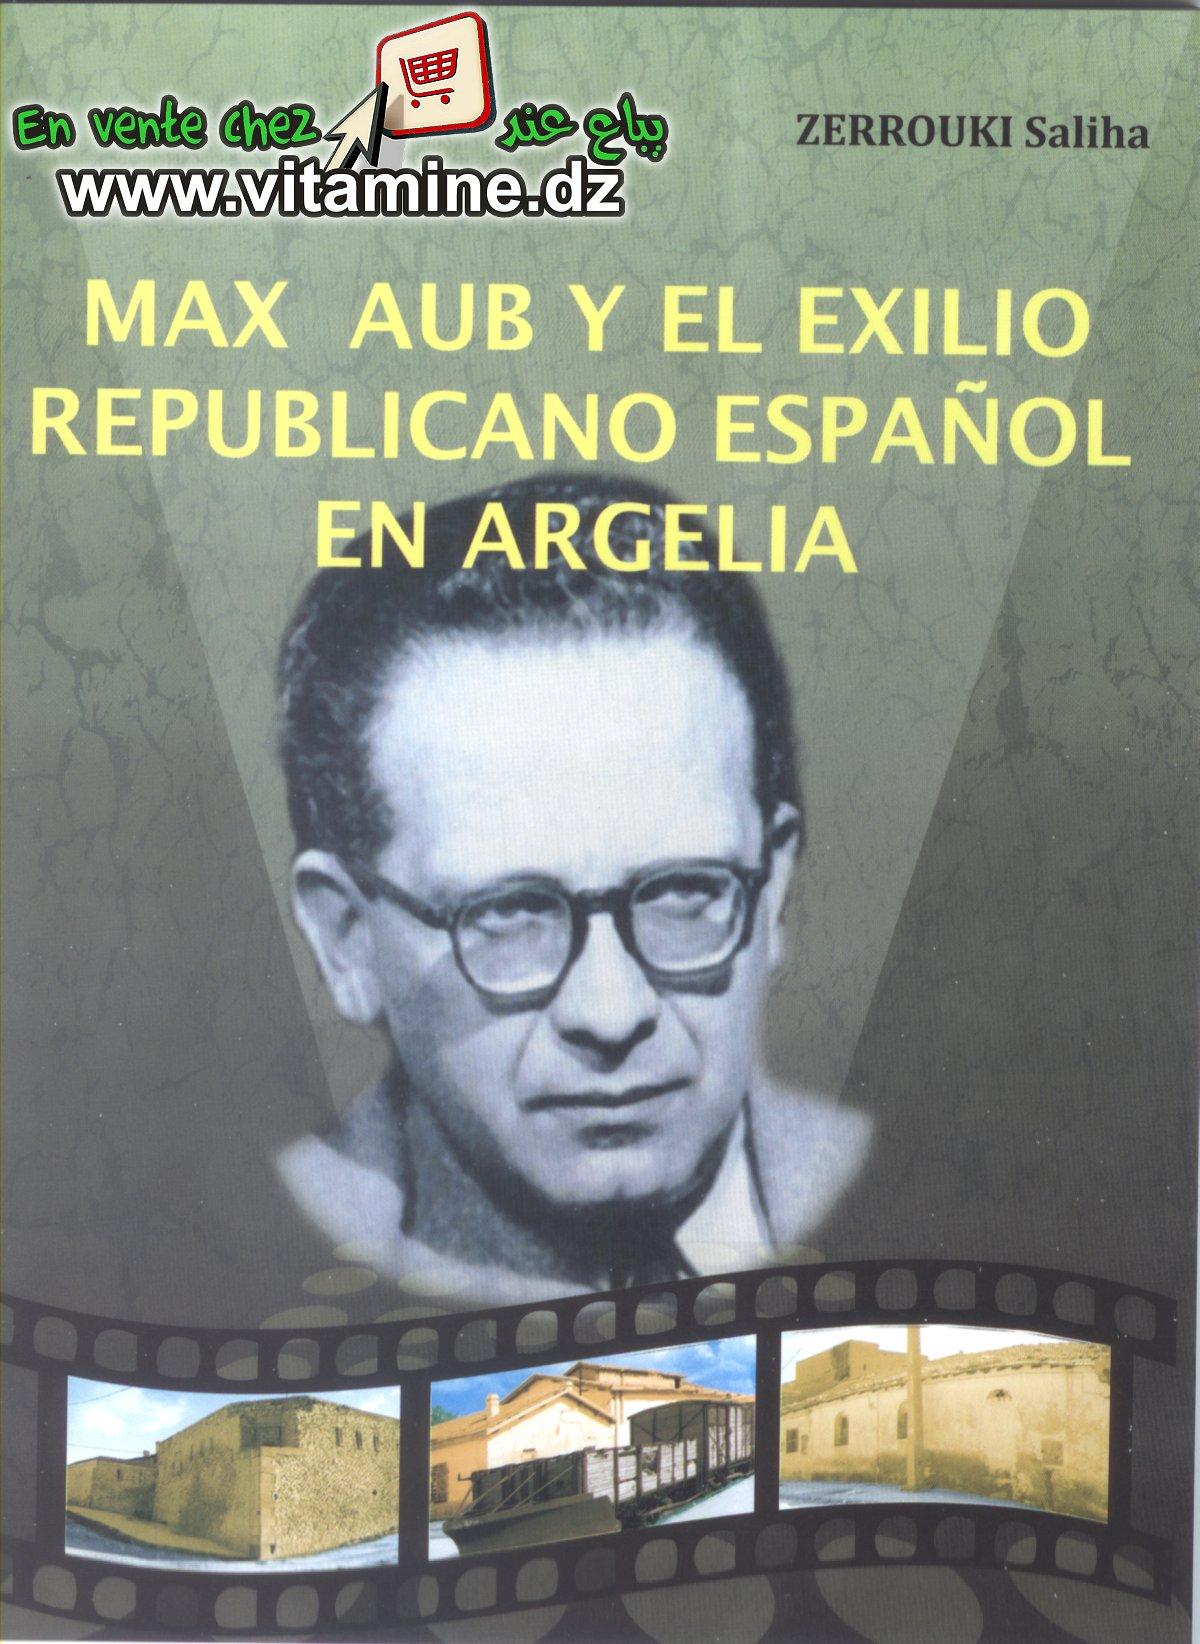 Saliha Zerrouki - Max Aub y El Exilio Republicano Espanol en Argelia